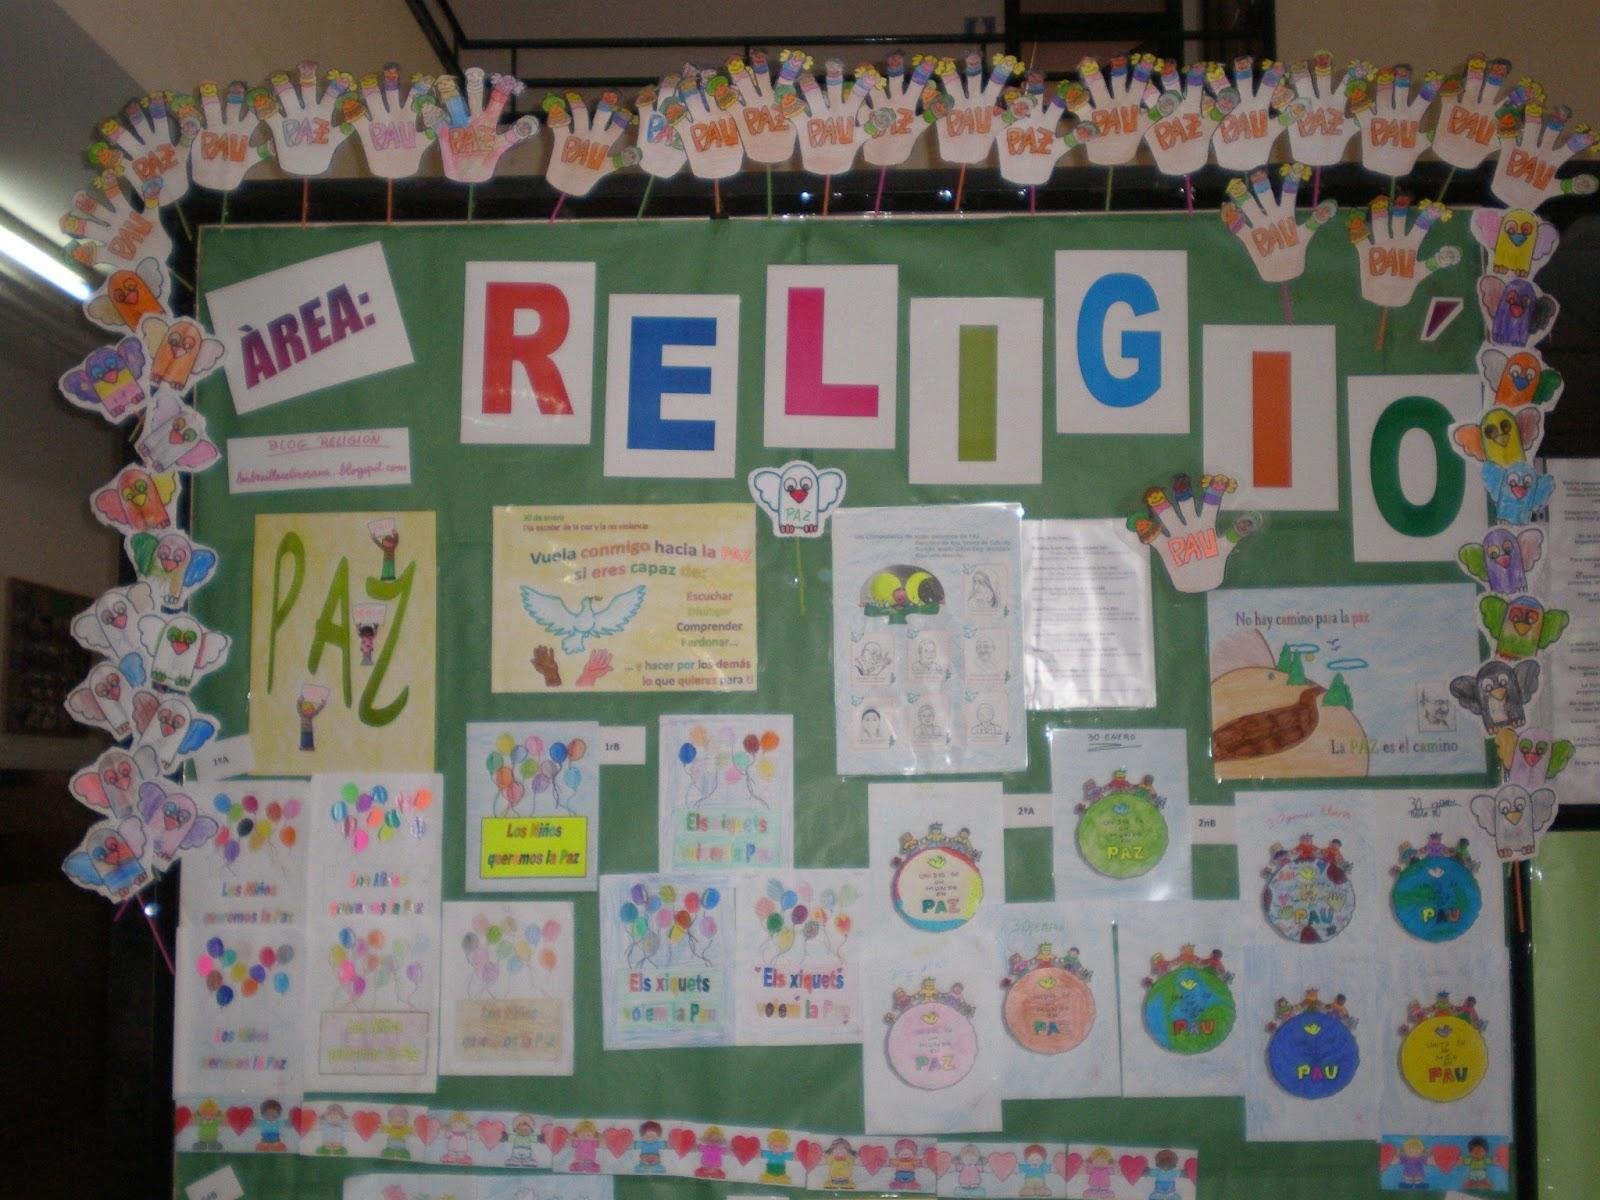 Religi n d a de la paz for El mural periodico jalisco